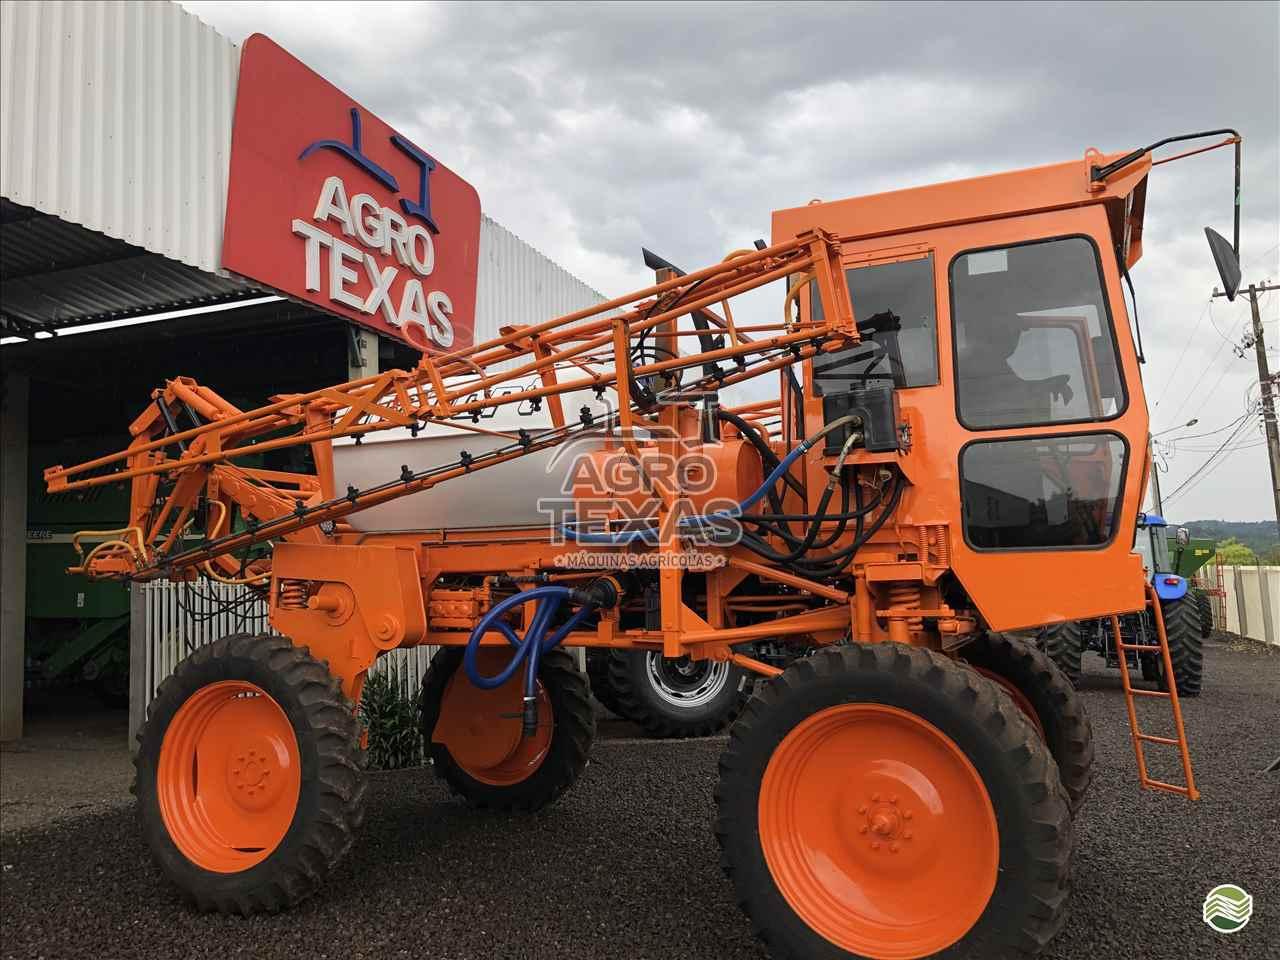 PULVERIZADOR JACTO UNIPORT 2000 Tração 4x2 Agro Texas Máquinas Agrícolas VITORINO PARANÁ PR